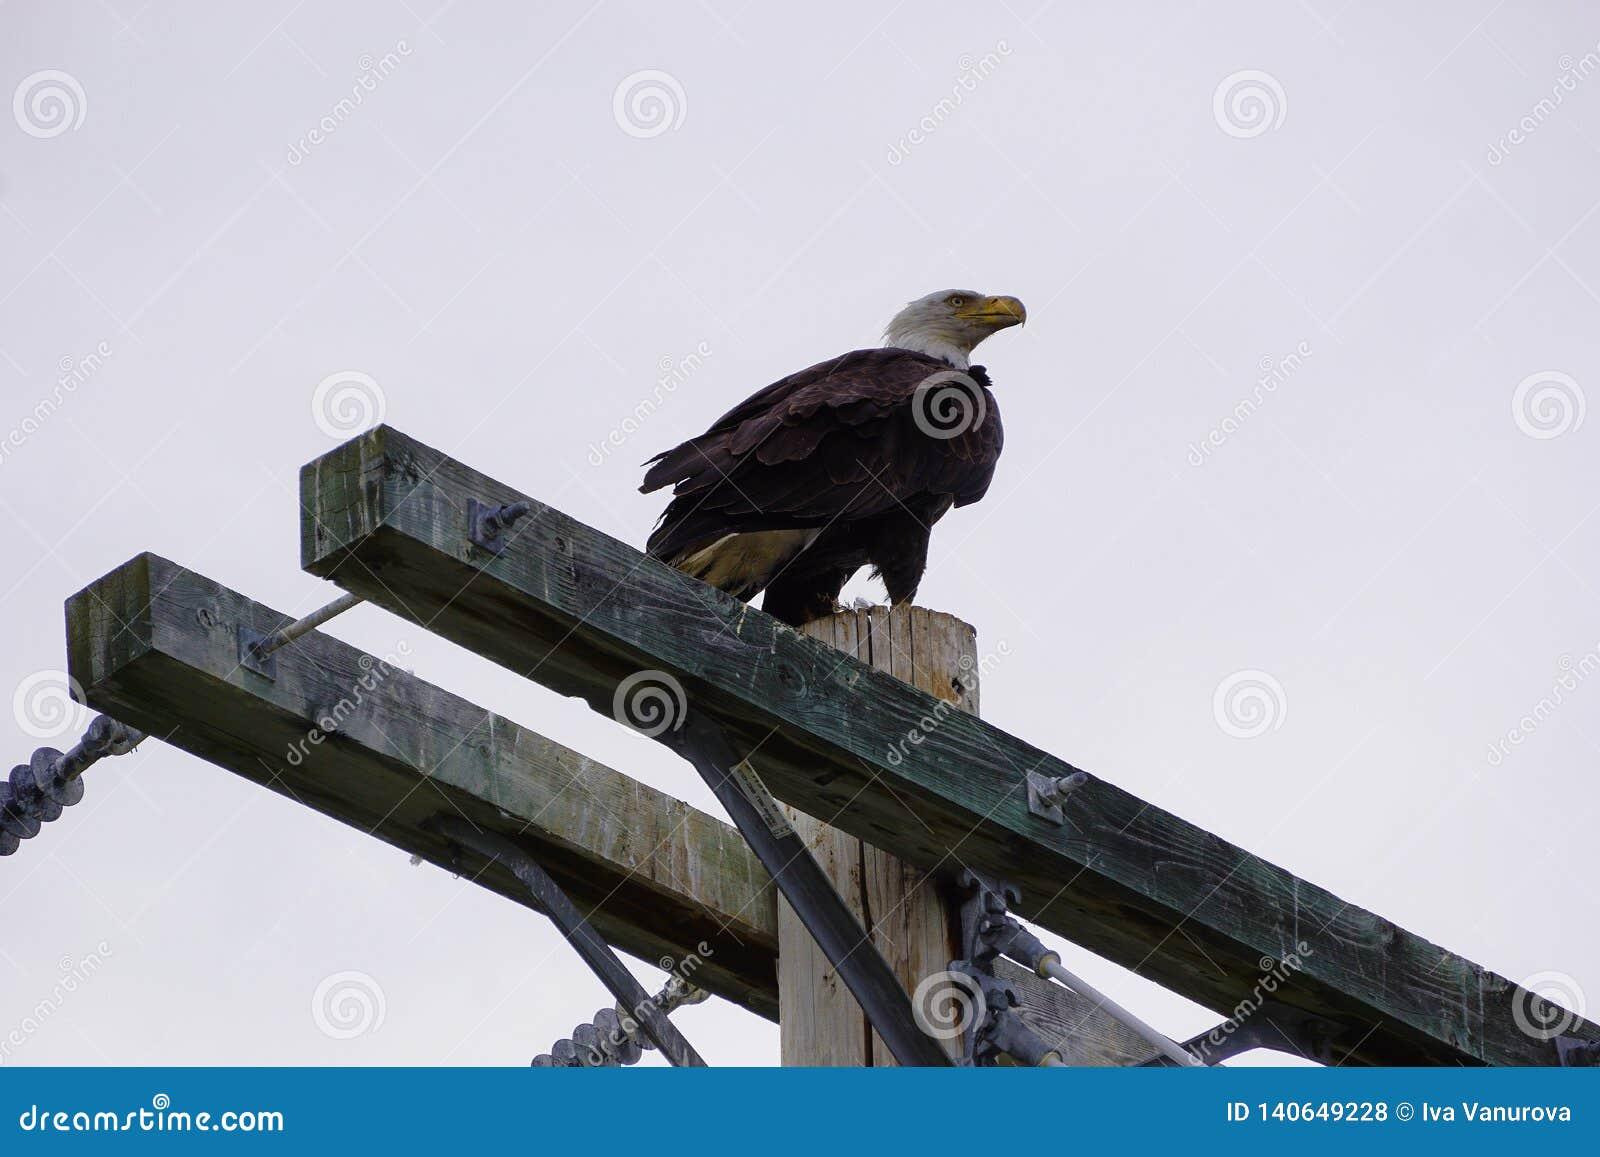 Bald Eagle in North America